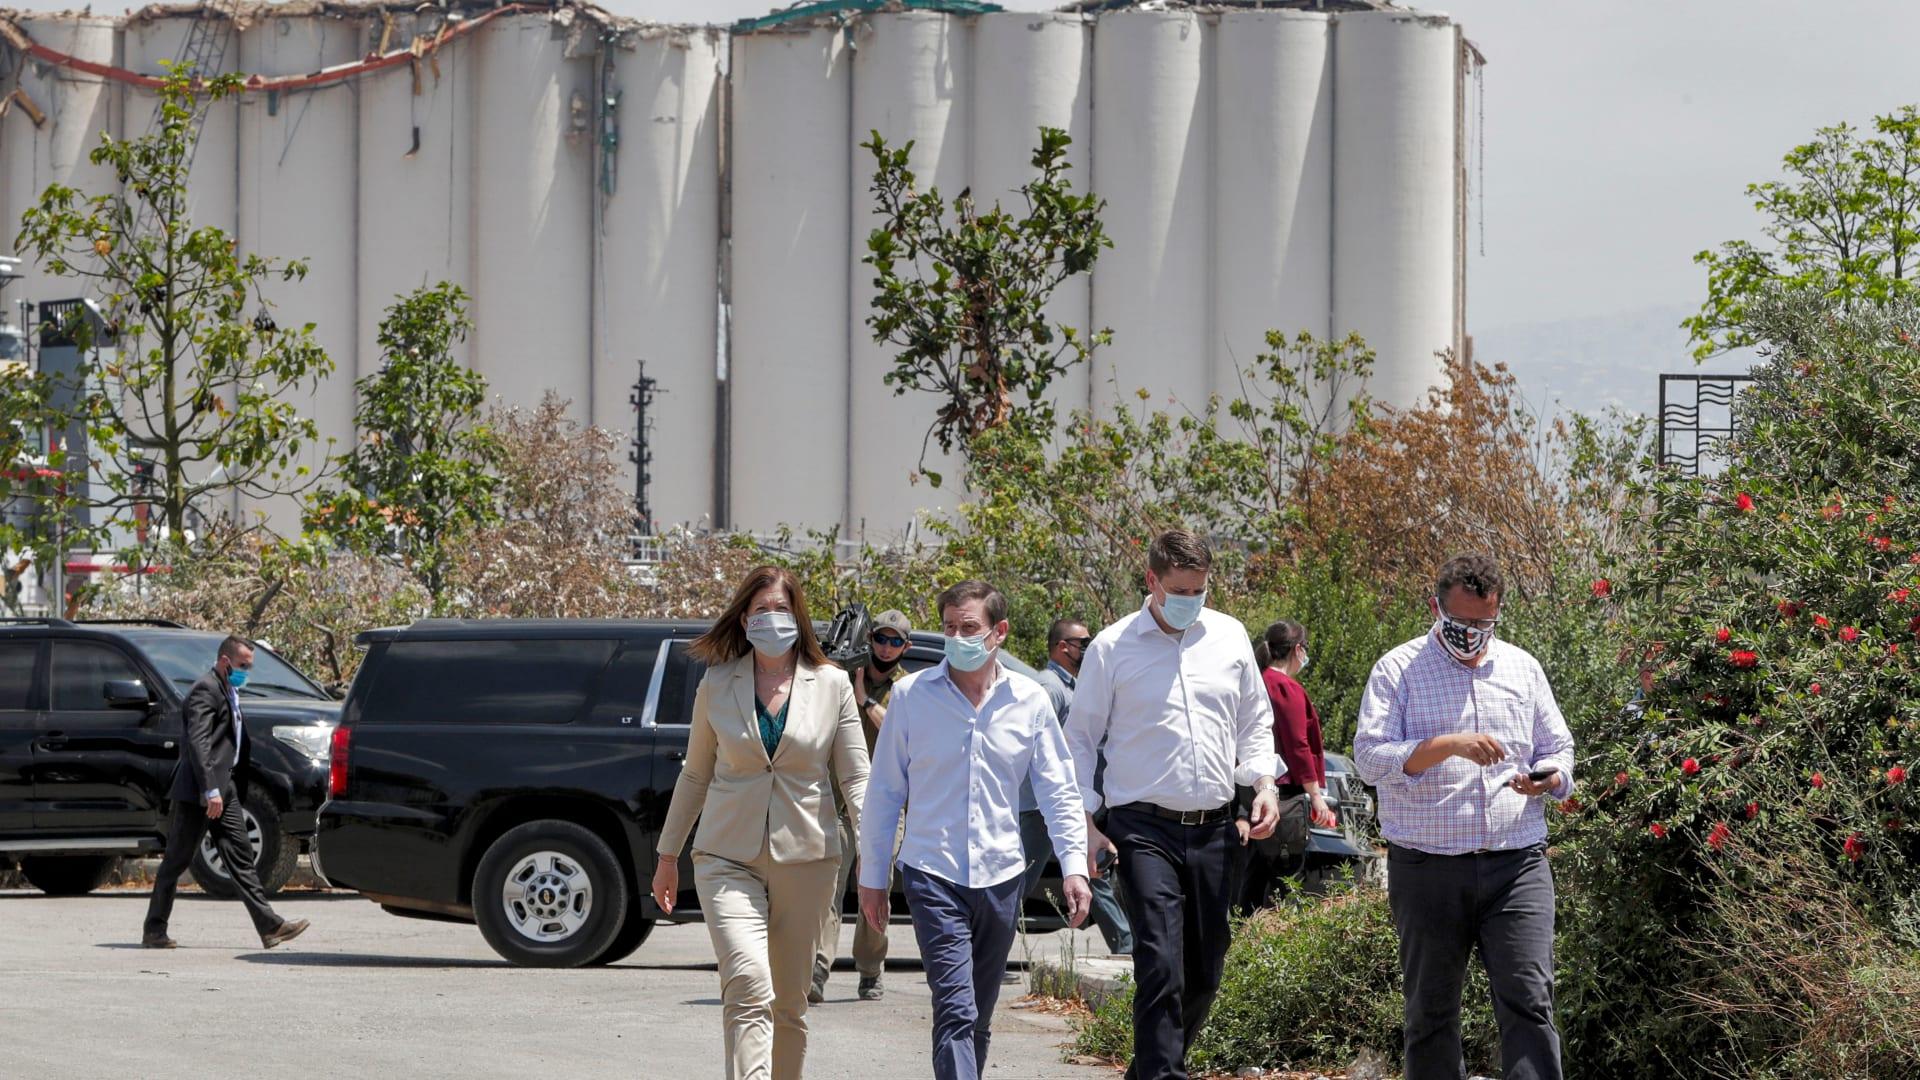 ديفيد هيل: مكتب التحقيقات الفيدرالي سيشارك في تحقيقات انفجار مرفأ بيروت